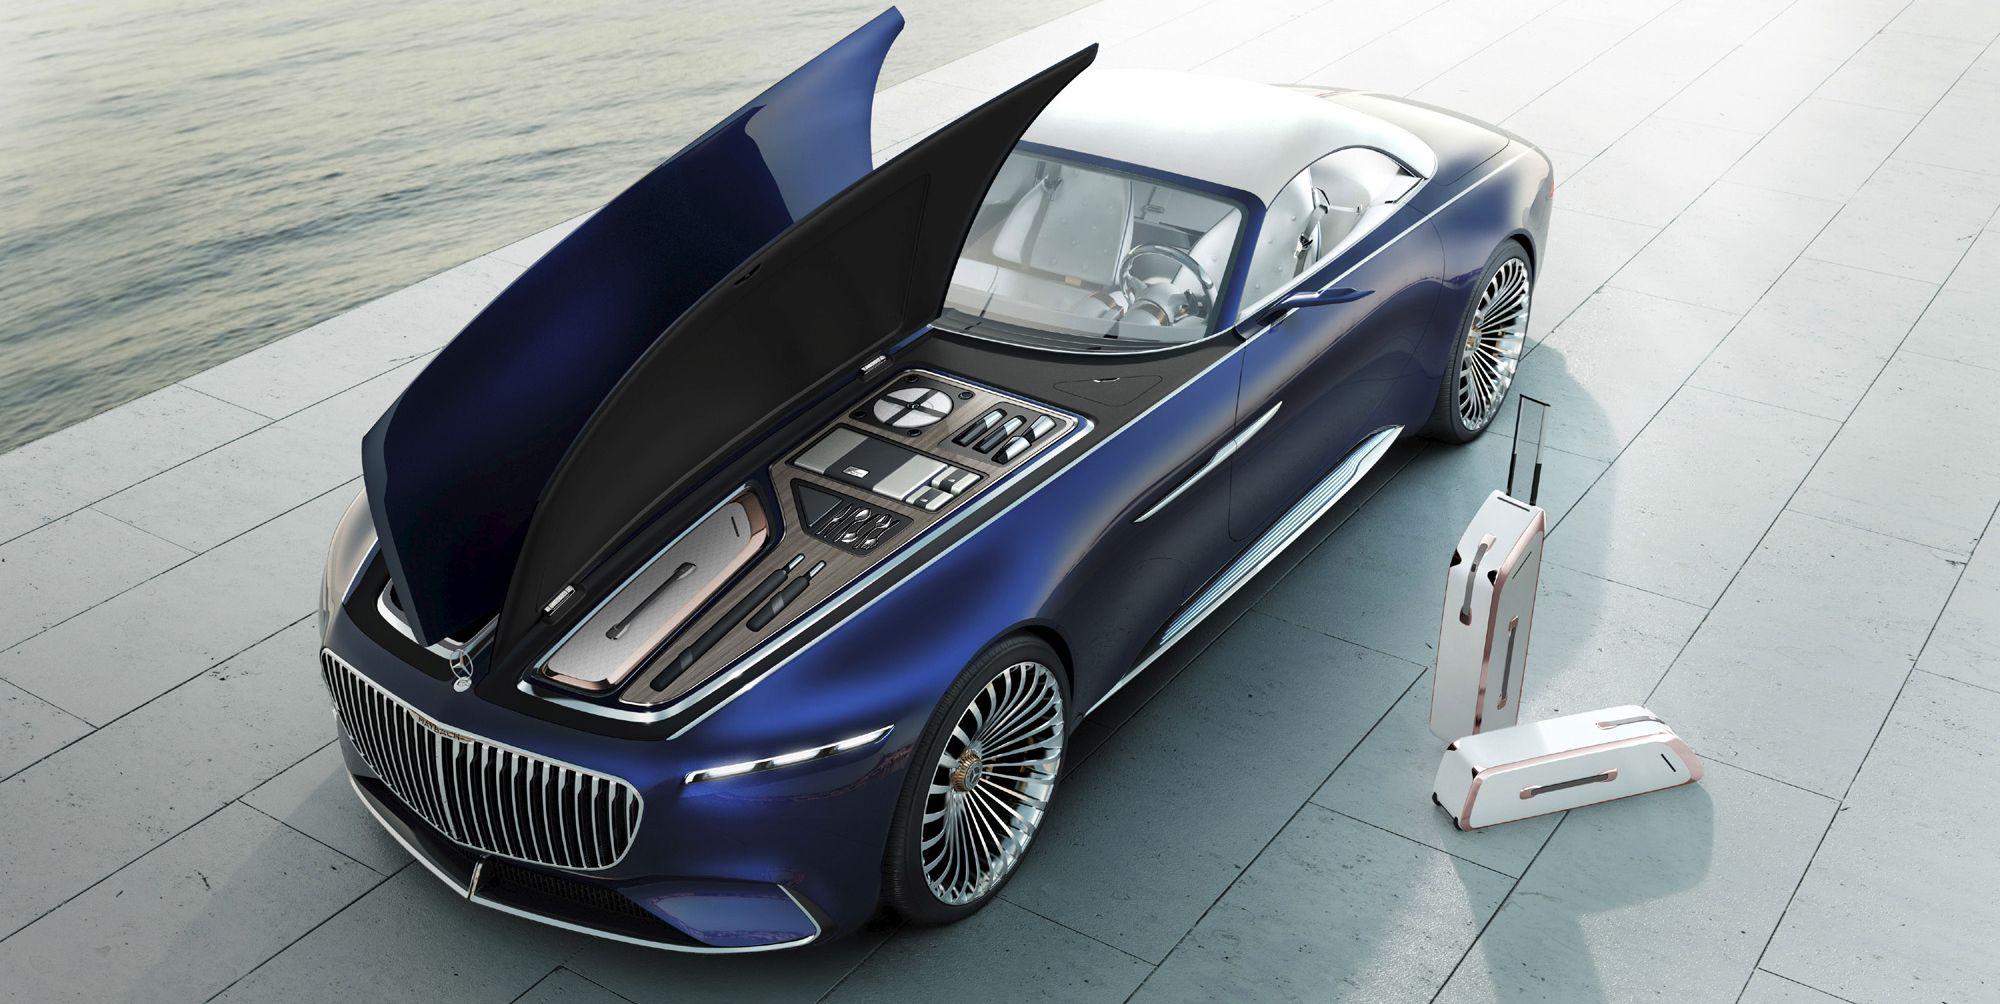 Los casi seis metros de largo del Mercedes-Maybach 6 Cabriolet y su forma ovalada recuerdan a un yate.